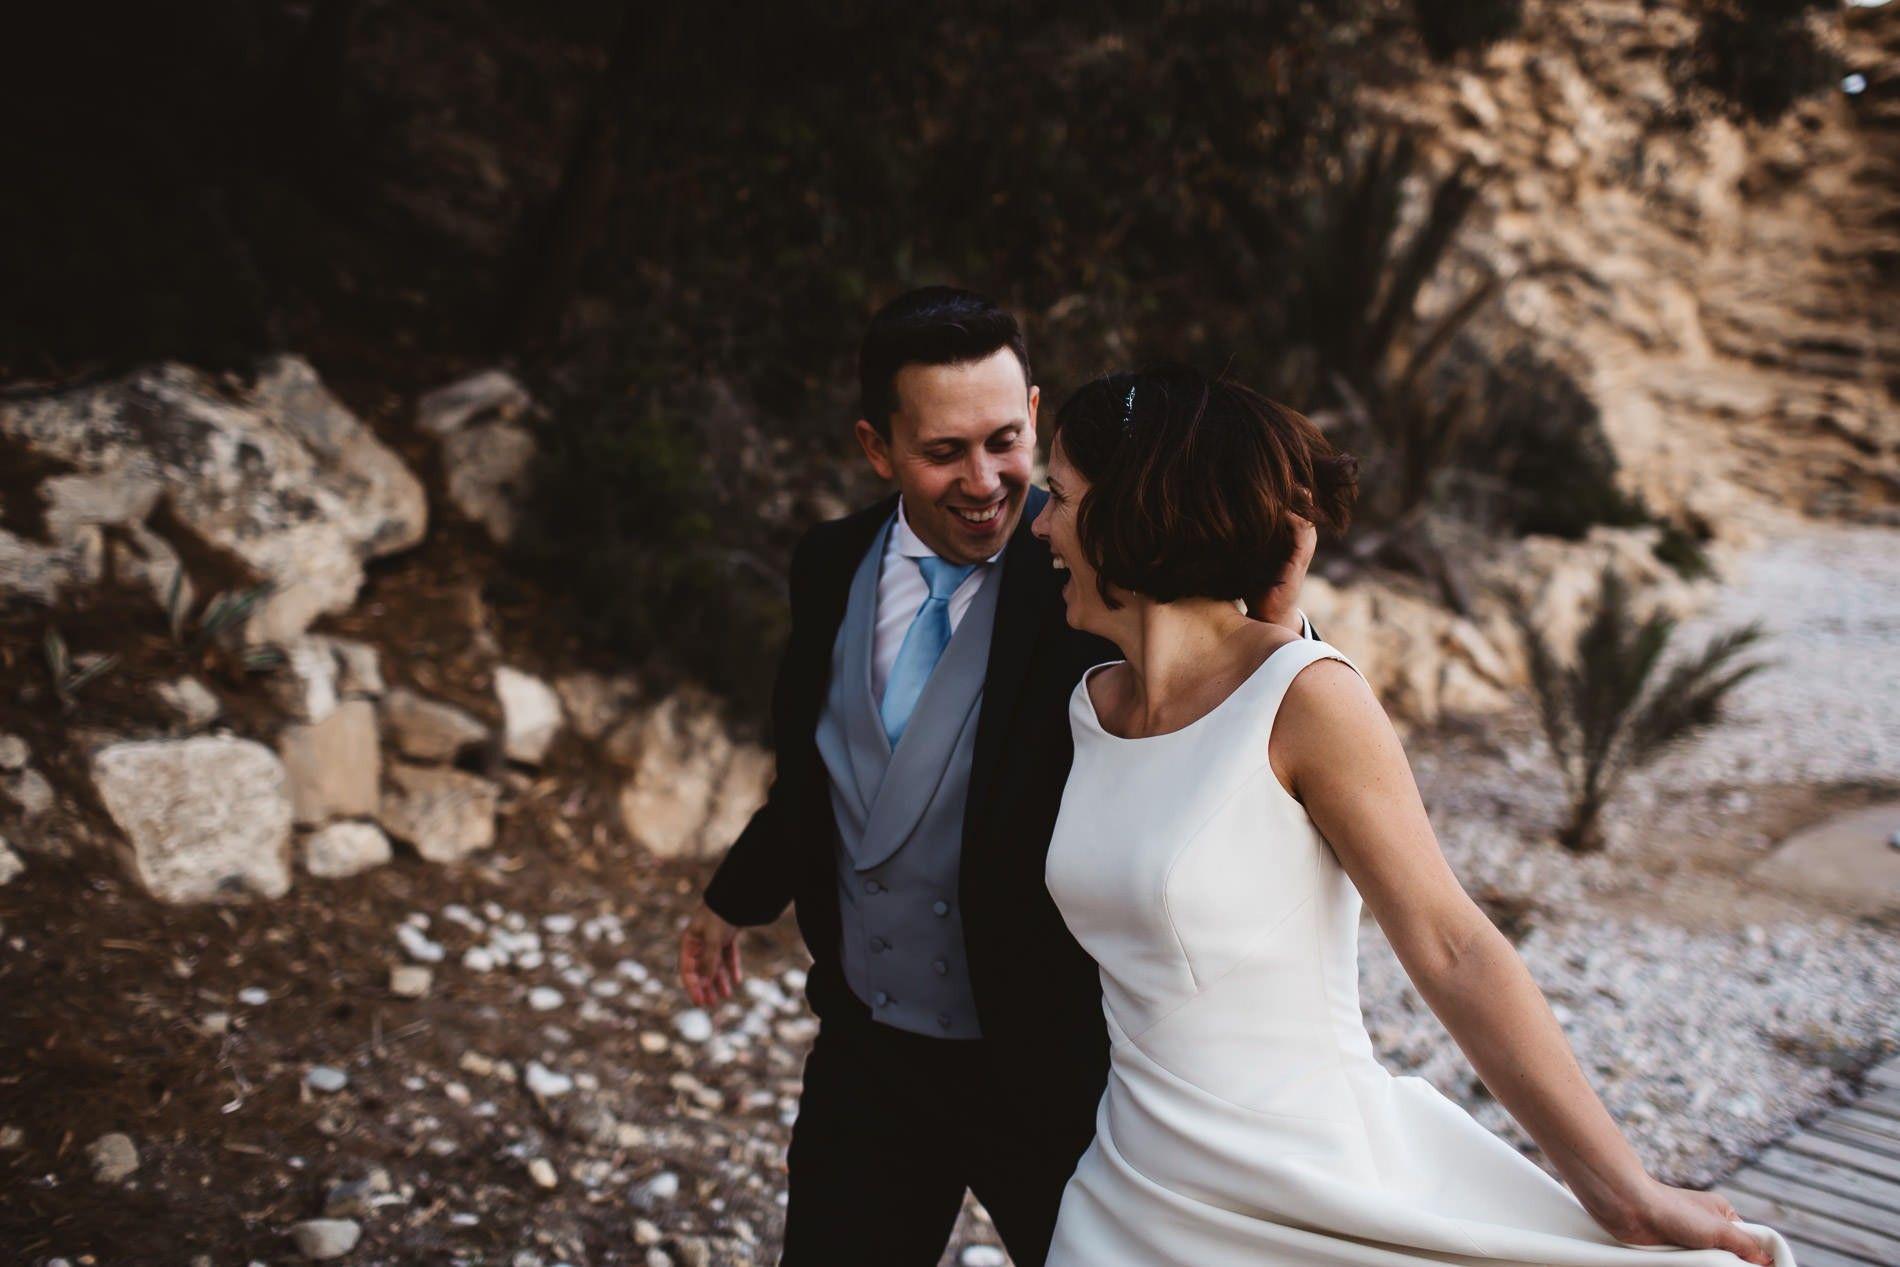 fotografo boda alicante 70